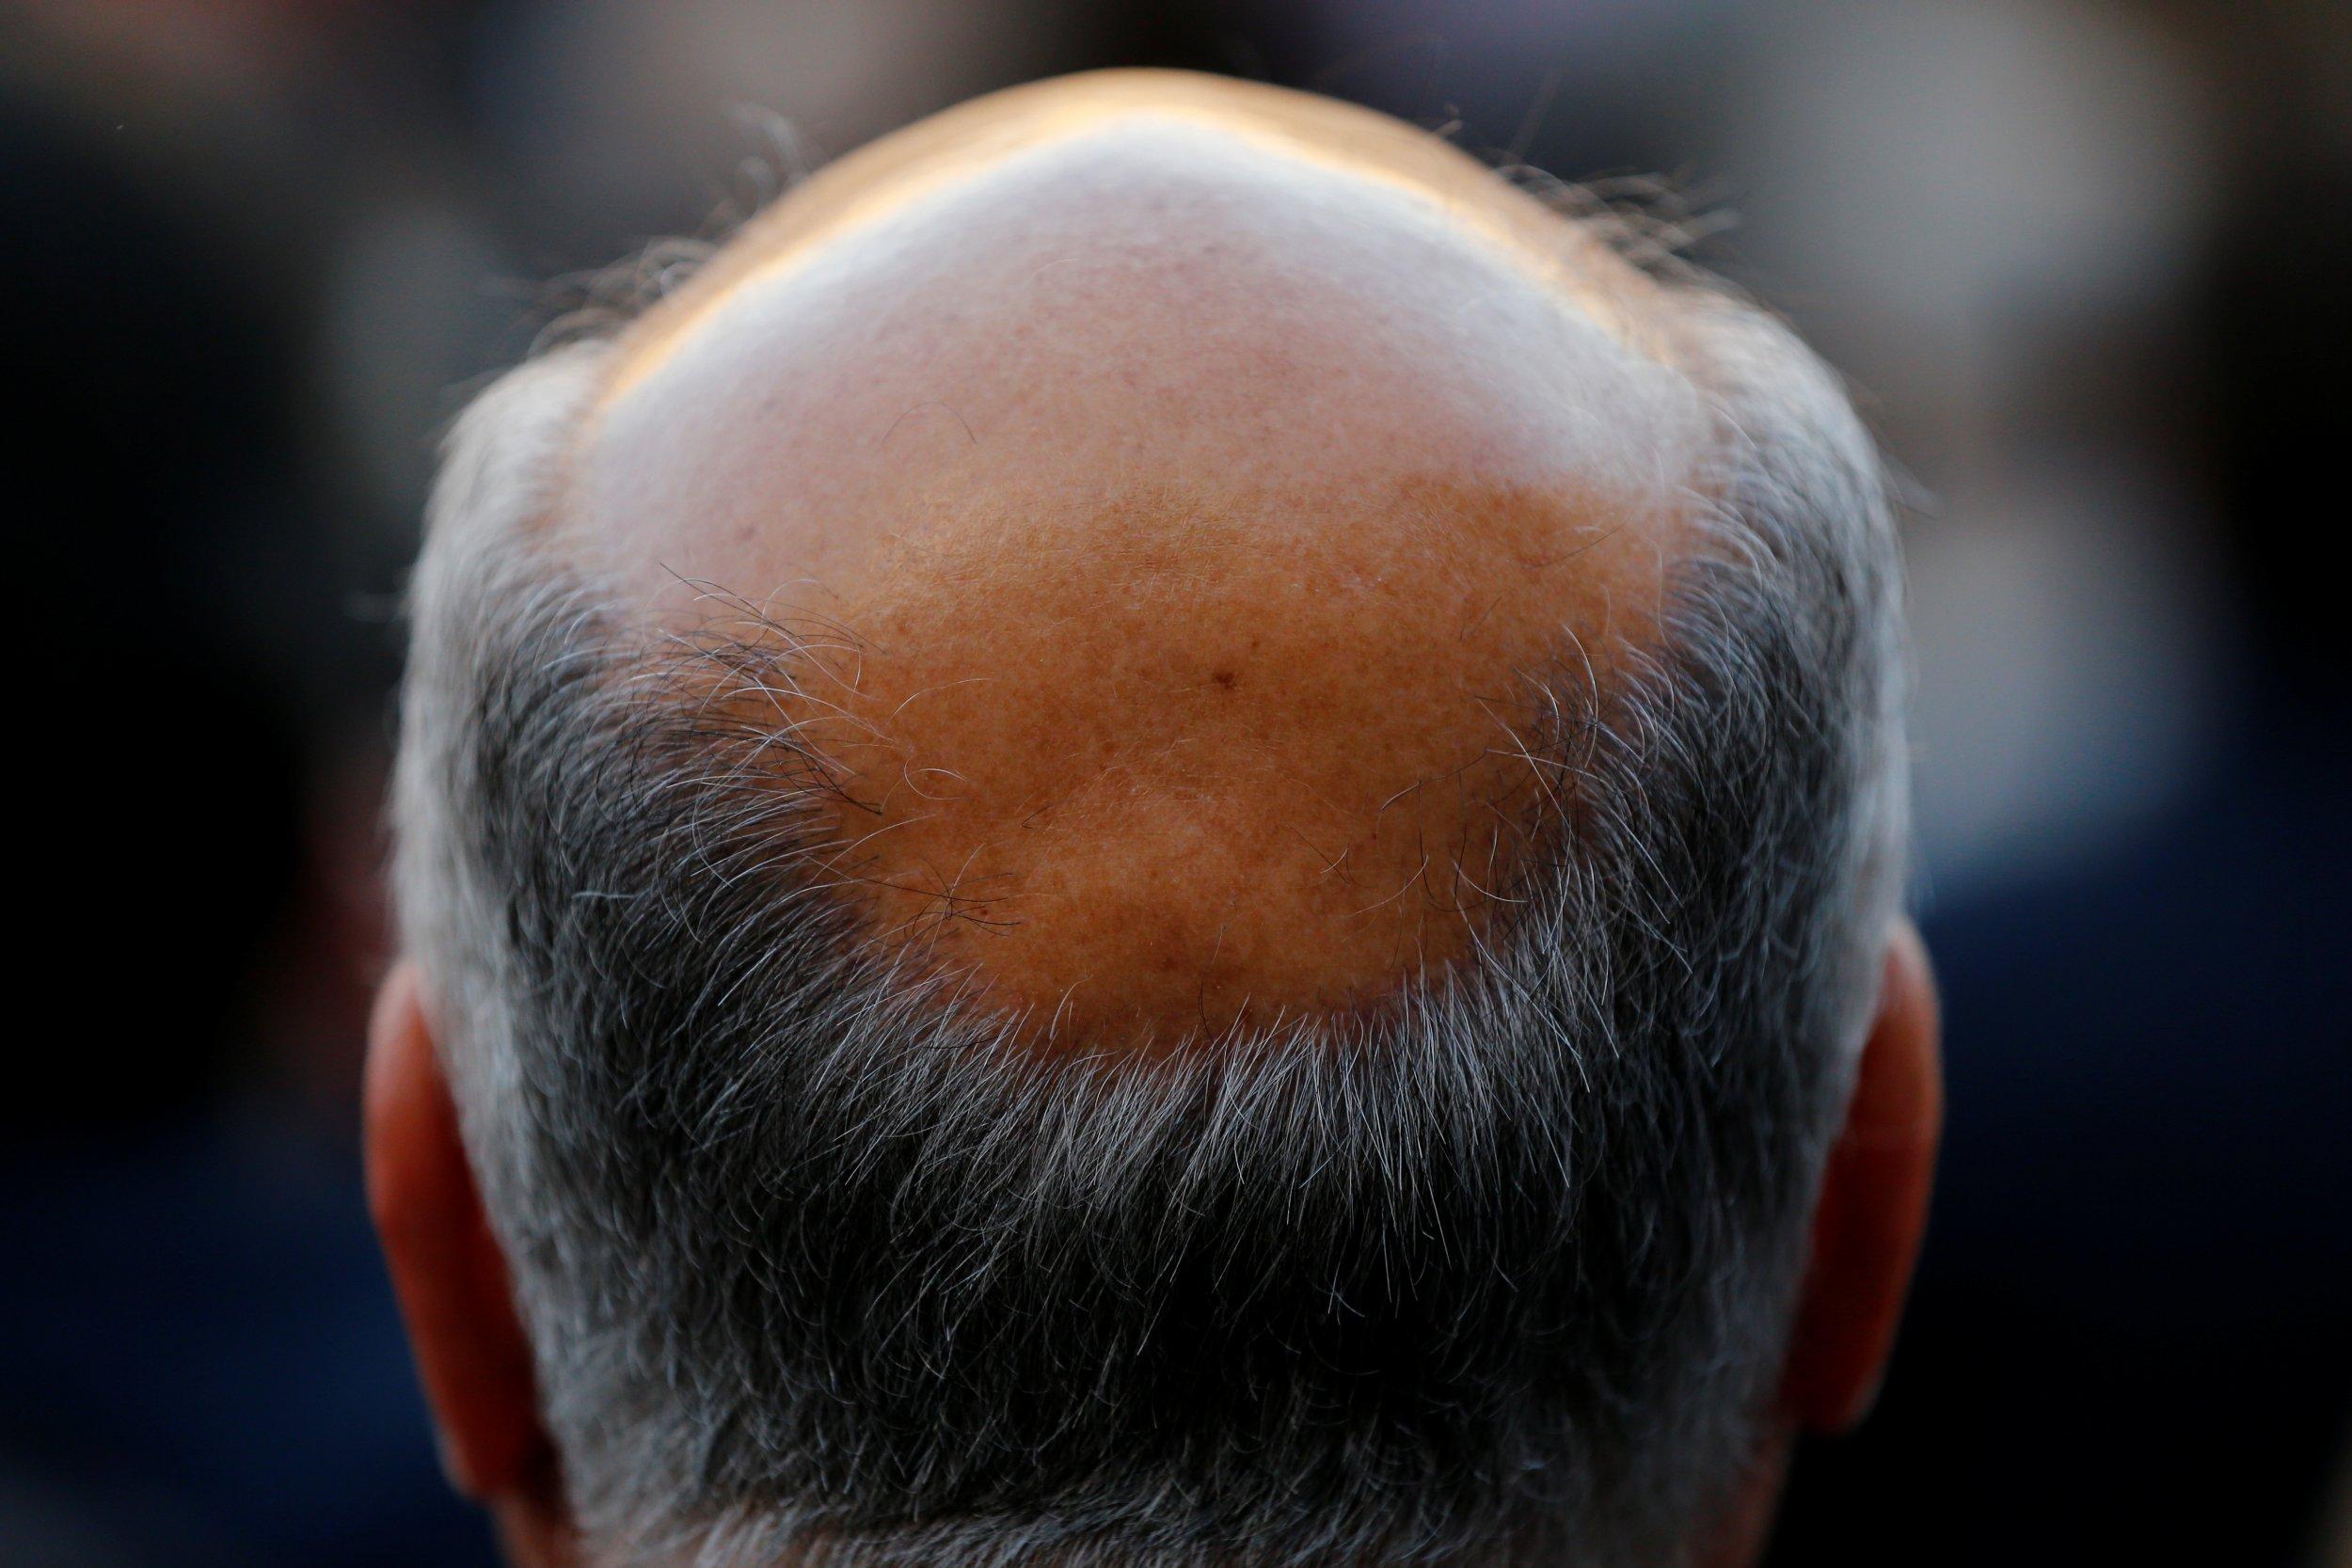 09_30_bald_01